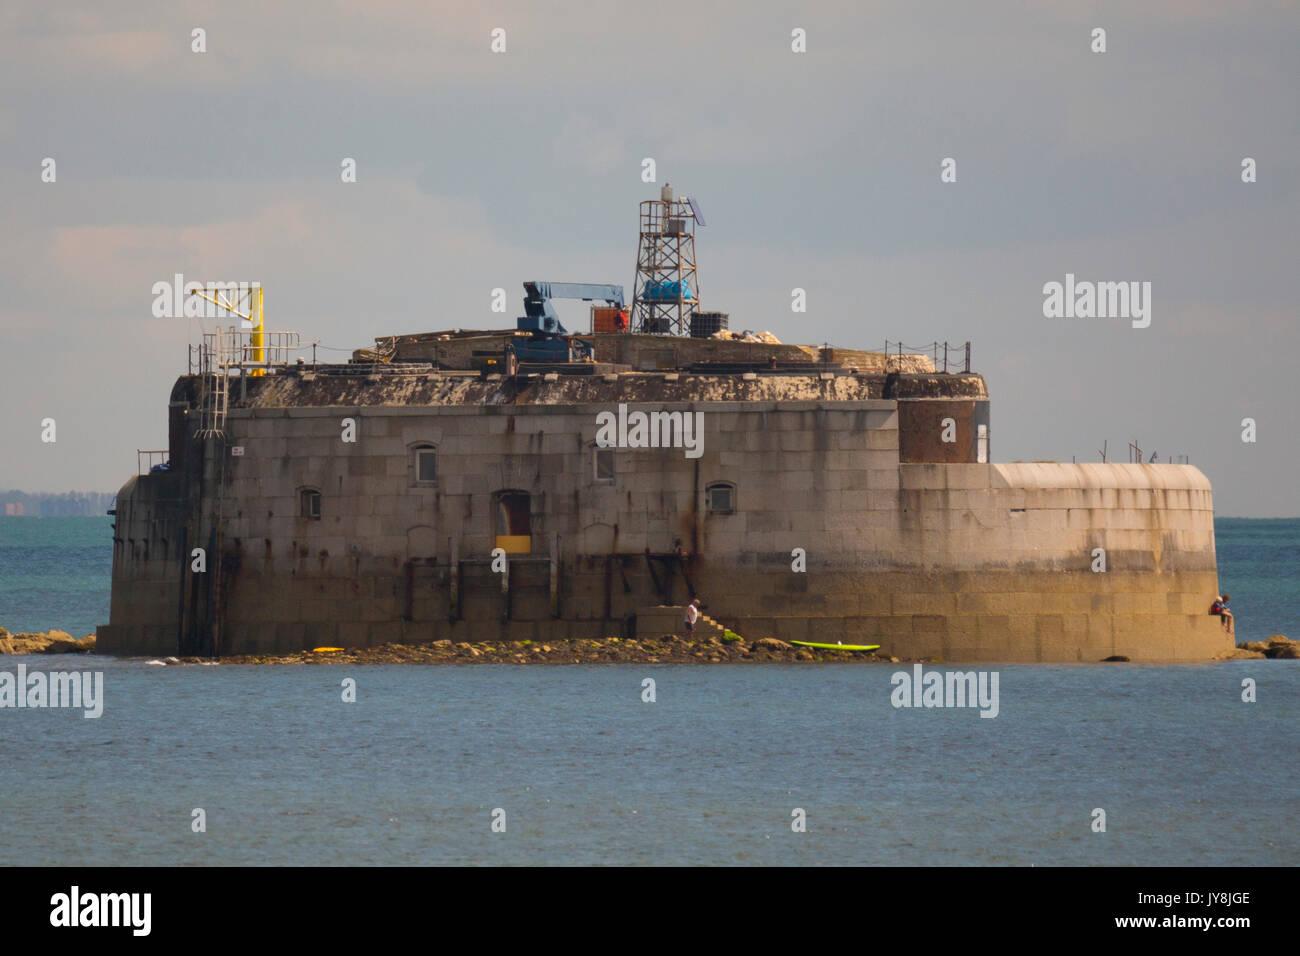 St Helens Fort es un mar de Fort en el Solent cerca de la Isla de Wight, una de las fortalezas de Palmerston cerca de Portsmouth. Fue construido entre 1867 y 1880 como resultado de la Comisión Real para proteger el St Helens Anchorage. Imagen De Stock